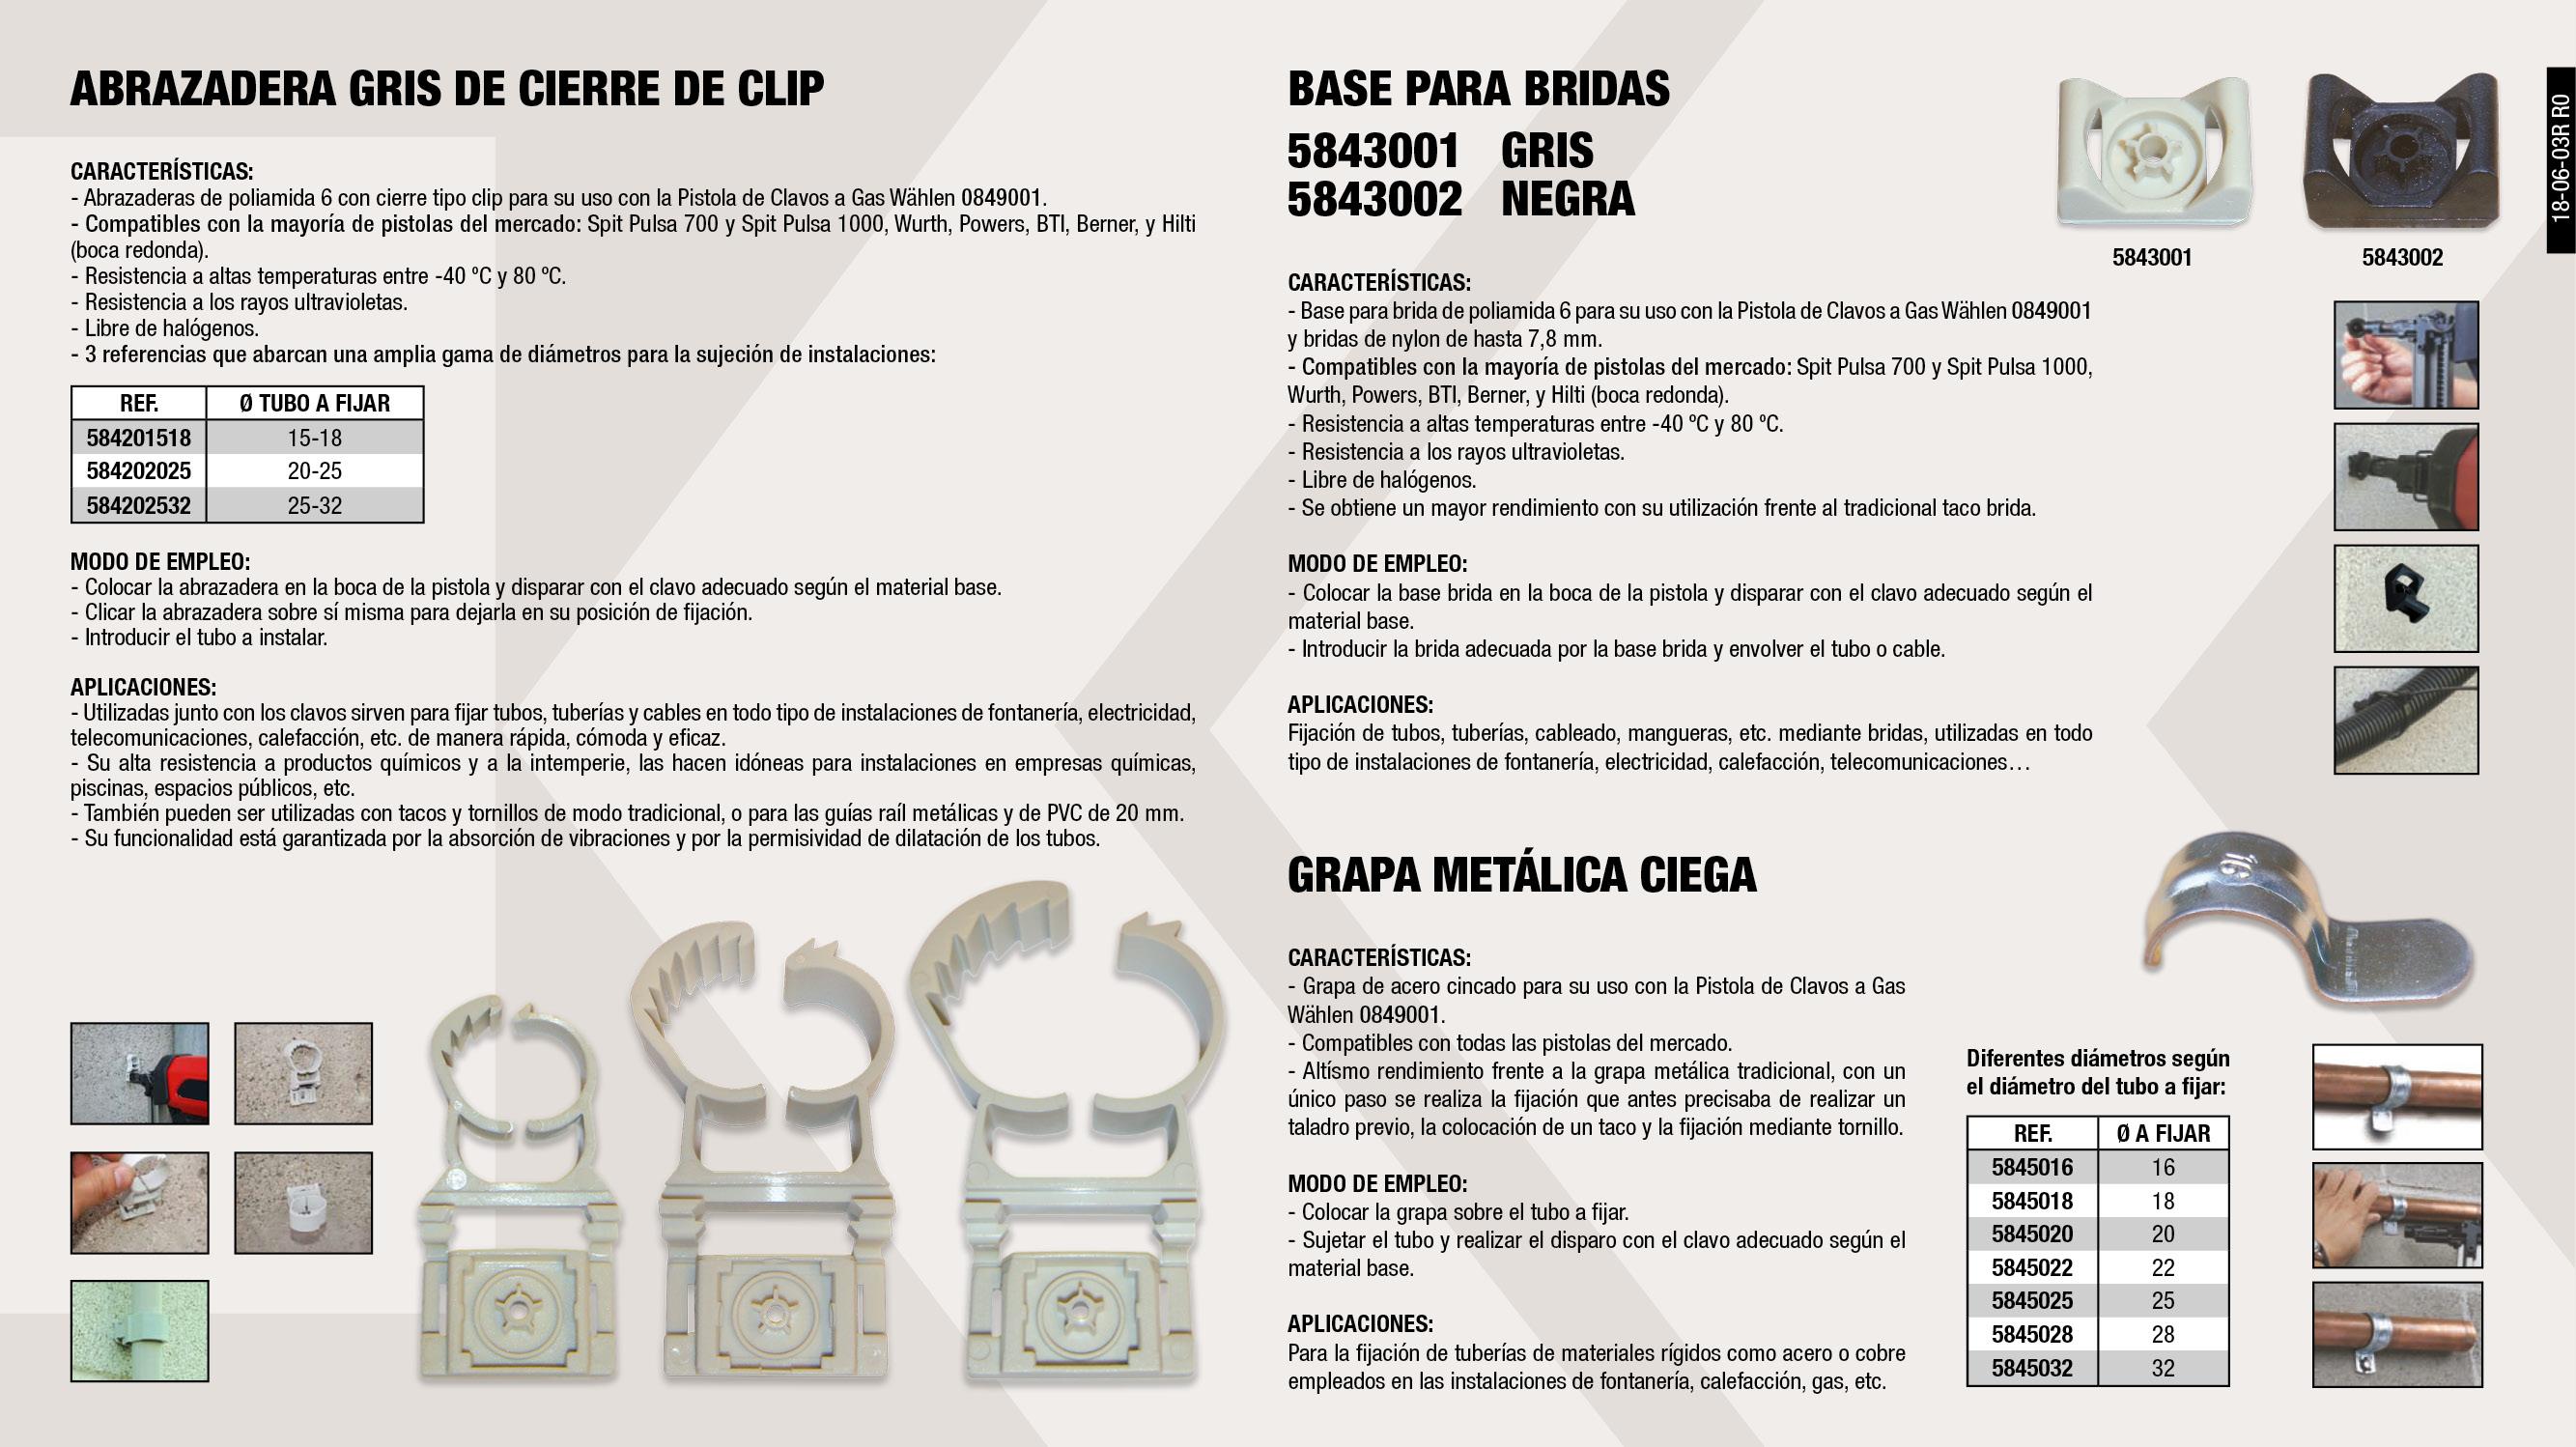 BASE BRIDA GRIS (0849001)                                   ,  ABRAZADERA GRIS 15-18MM (0849001)                           ,  GRAPA METALICA CIEGA 20MM (0849001)                         ,  GRAPA METALICA CIEGA 32MM (0849001)                         ,  BASE BRIDA NEGRA (0849001)                                  ,  GRAPA METALICA CIEGA 22MM (0849001)                         ,  GRAPA METALICA CIEGA 25MM (0849001)                         ,  ABRAZADERA GRIS 25-32MM (0849001)                           ,  GRAPA METALICA CIEGA 28MM (0849001)                         ,  ABRAZADERA GRIS 20-25MM (0849001)                           ,  GRAPA METALICA CIEGA 18MM (0849001)                         ,